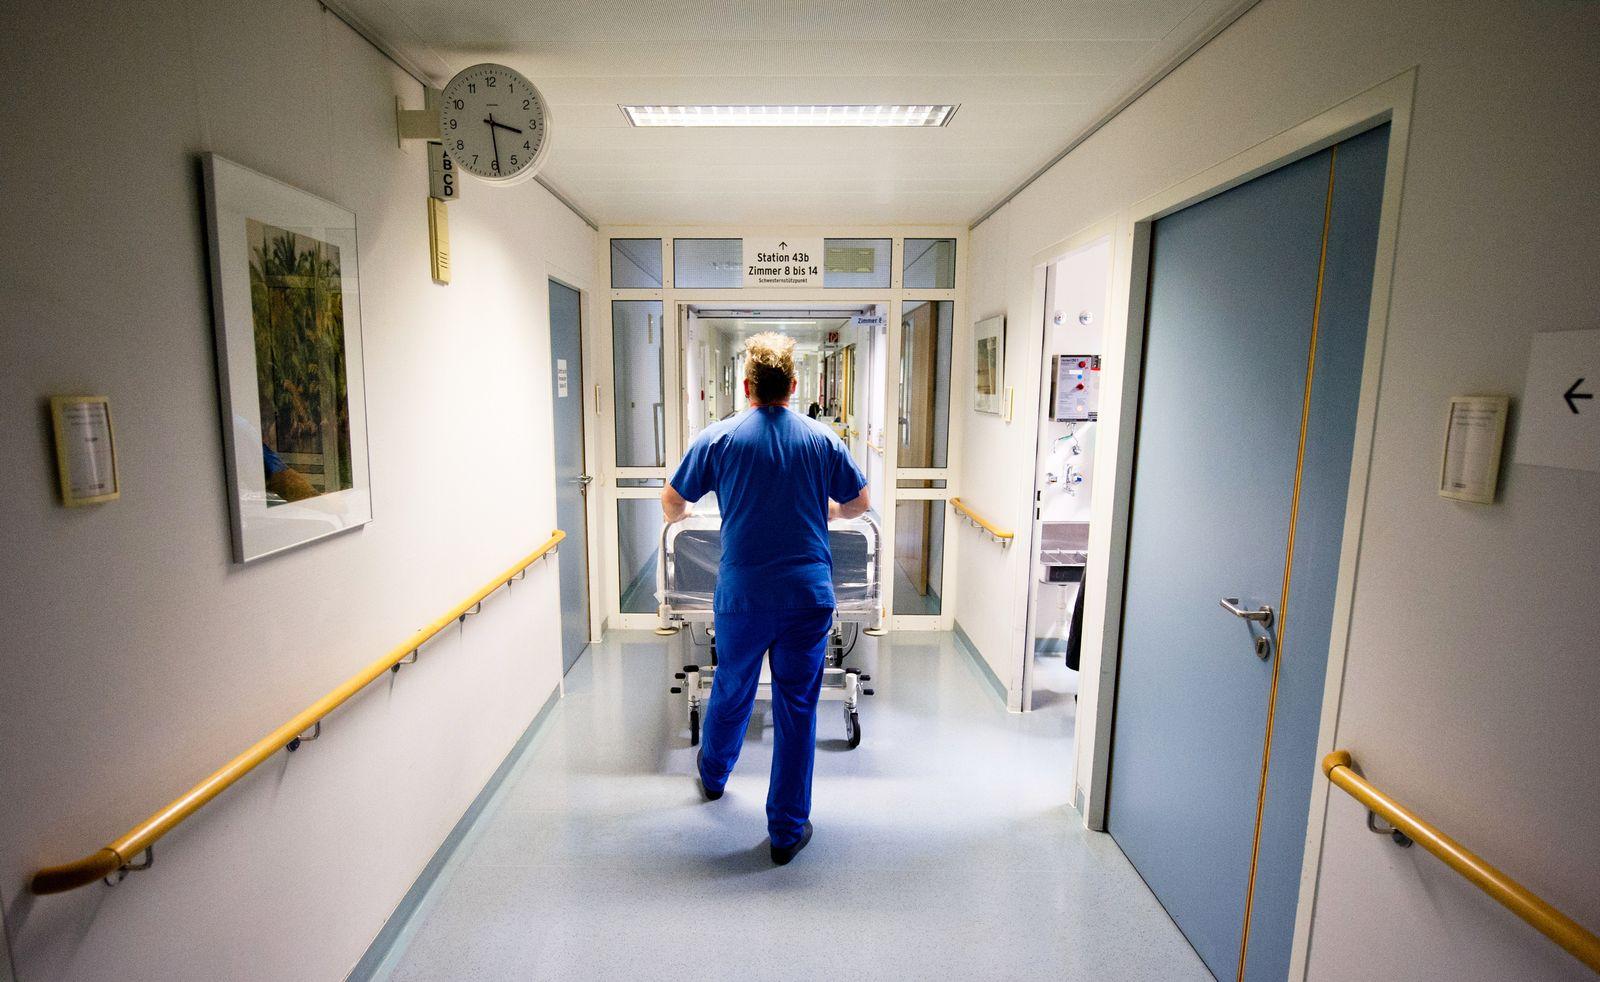 Krankenschwester / Pfleger / Krankenpfeleger